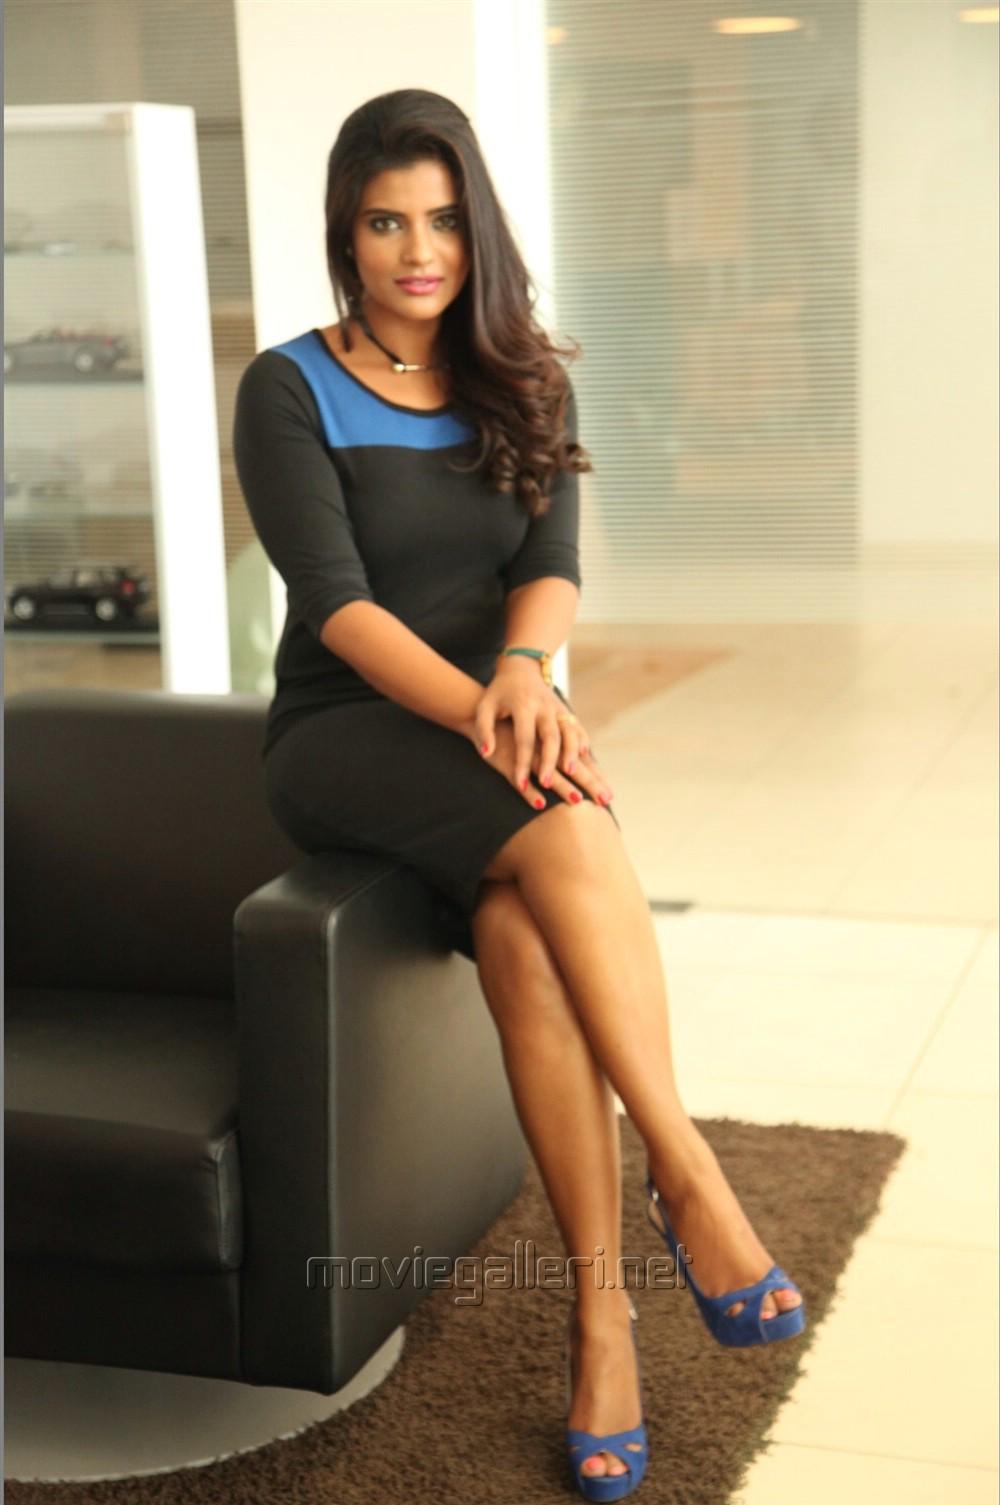 Tamil Actress Aishwarya Rajesh Hot Photos